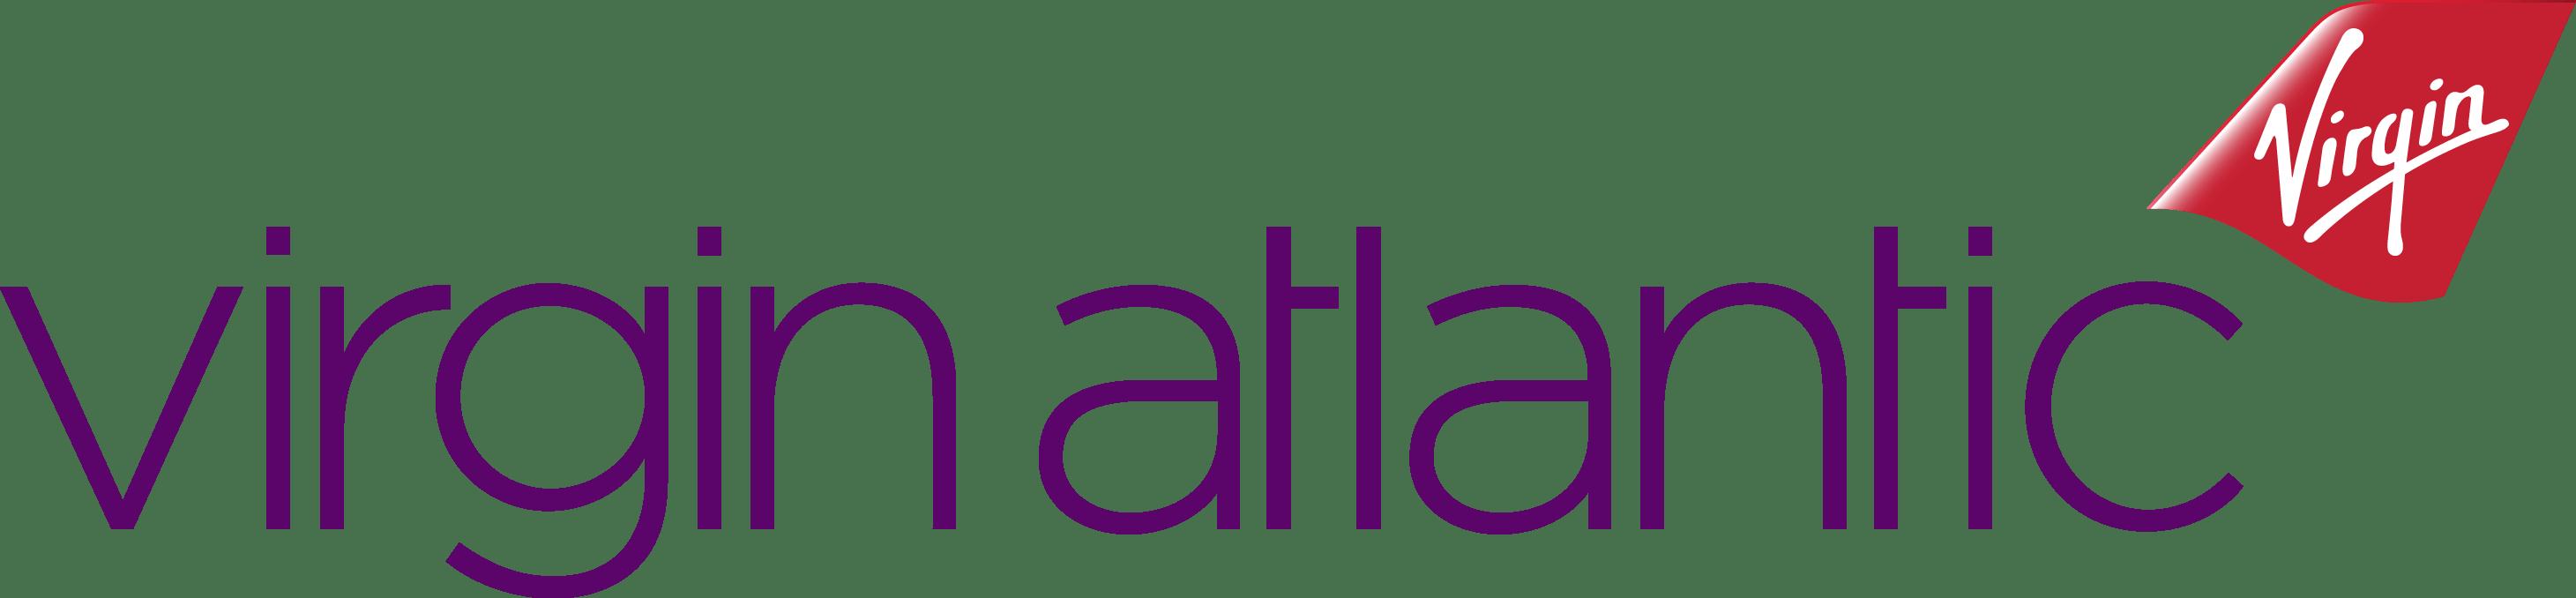 Virgin Atlantic Logo png